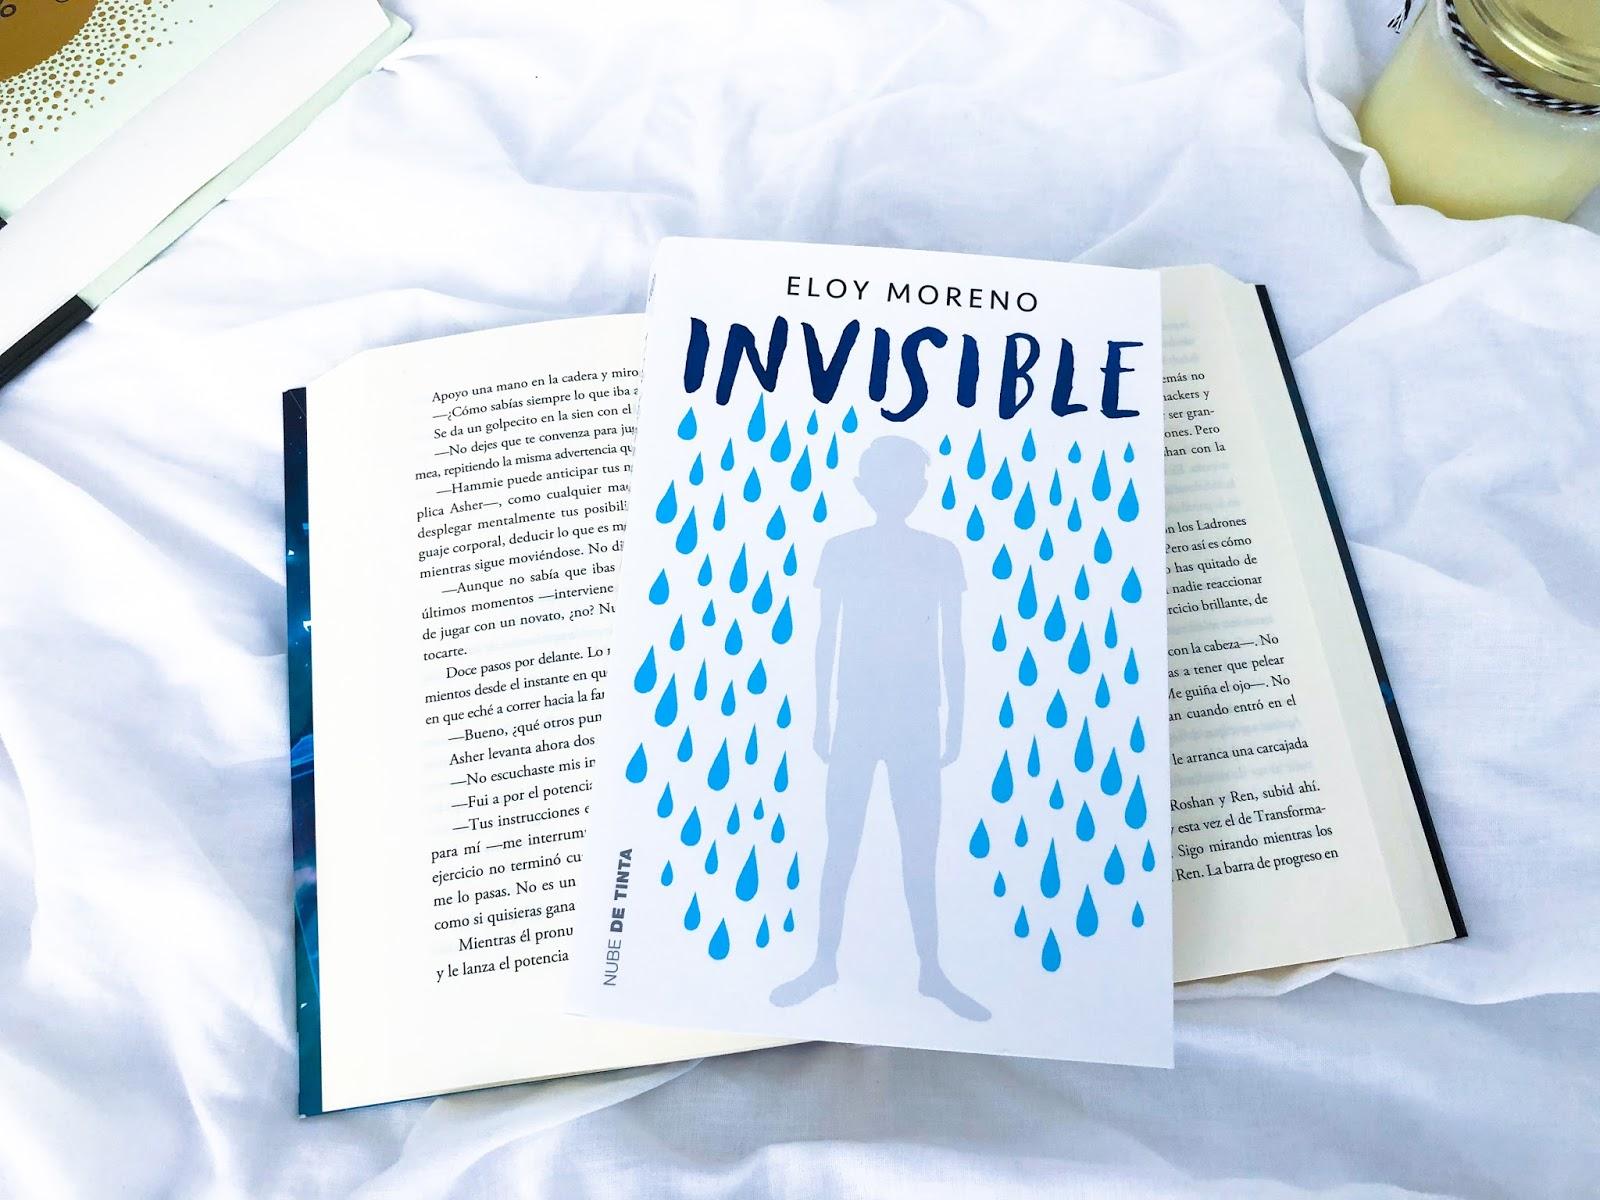 Este libro está cargado de buenas enseñanzas, de ejemplos y de reflexiones  dirigidas sobre todo a los jóvenes. Invita a la reflexión y establece ...